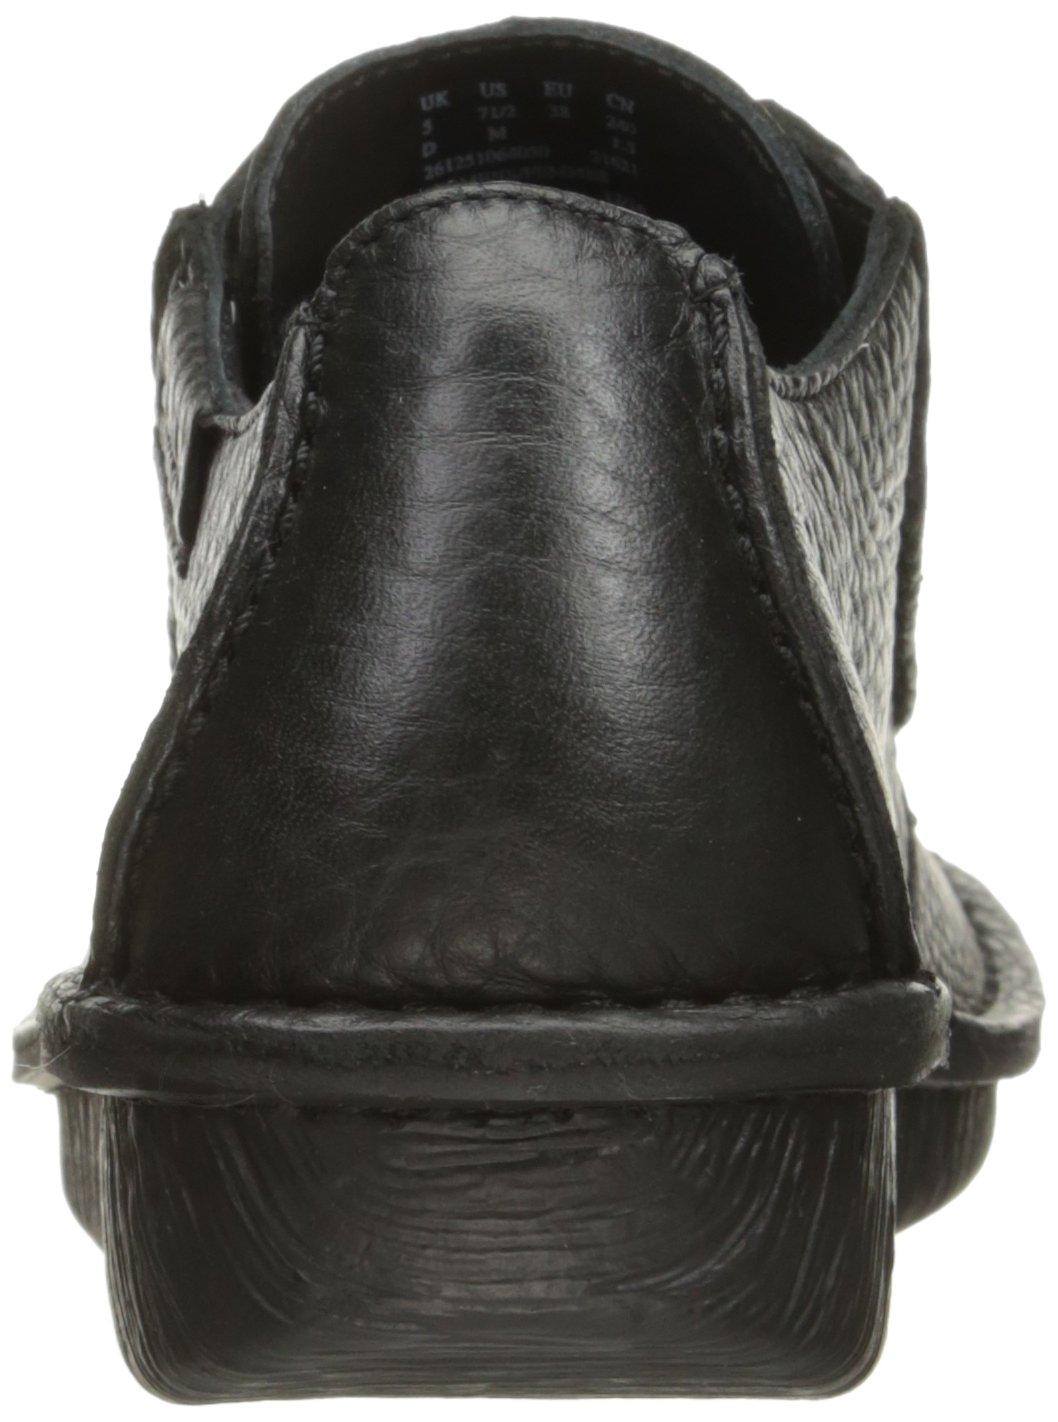 CLARKS CLARKS 19499 Vtipný ženský Oxford sen Oxford Černá kůže 7419a37 0939d581f6